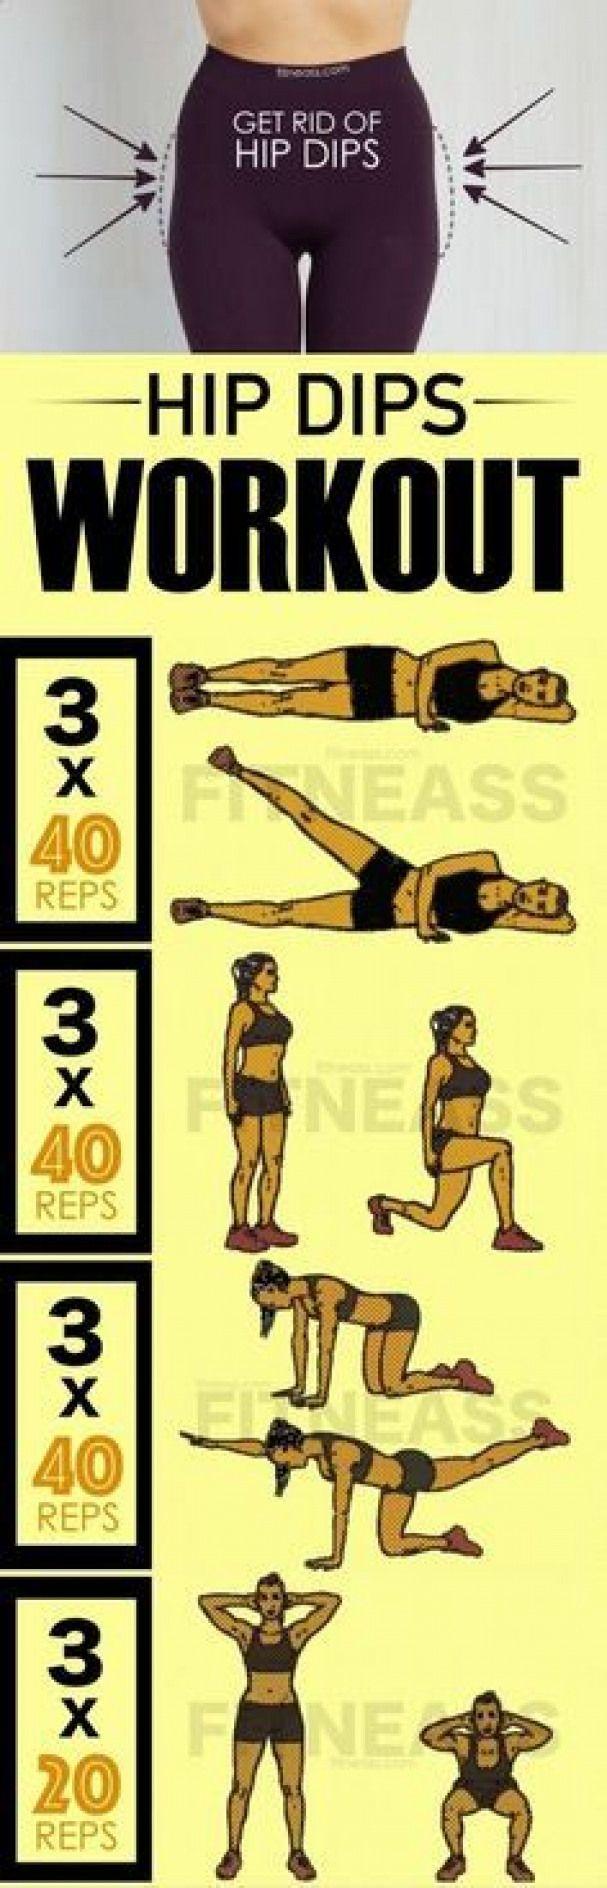 Belly Fat Workout – 4 mosse migliori per sbarazzarsi dei tuffi dell'anca e ottenere il culo più pieno … D …